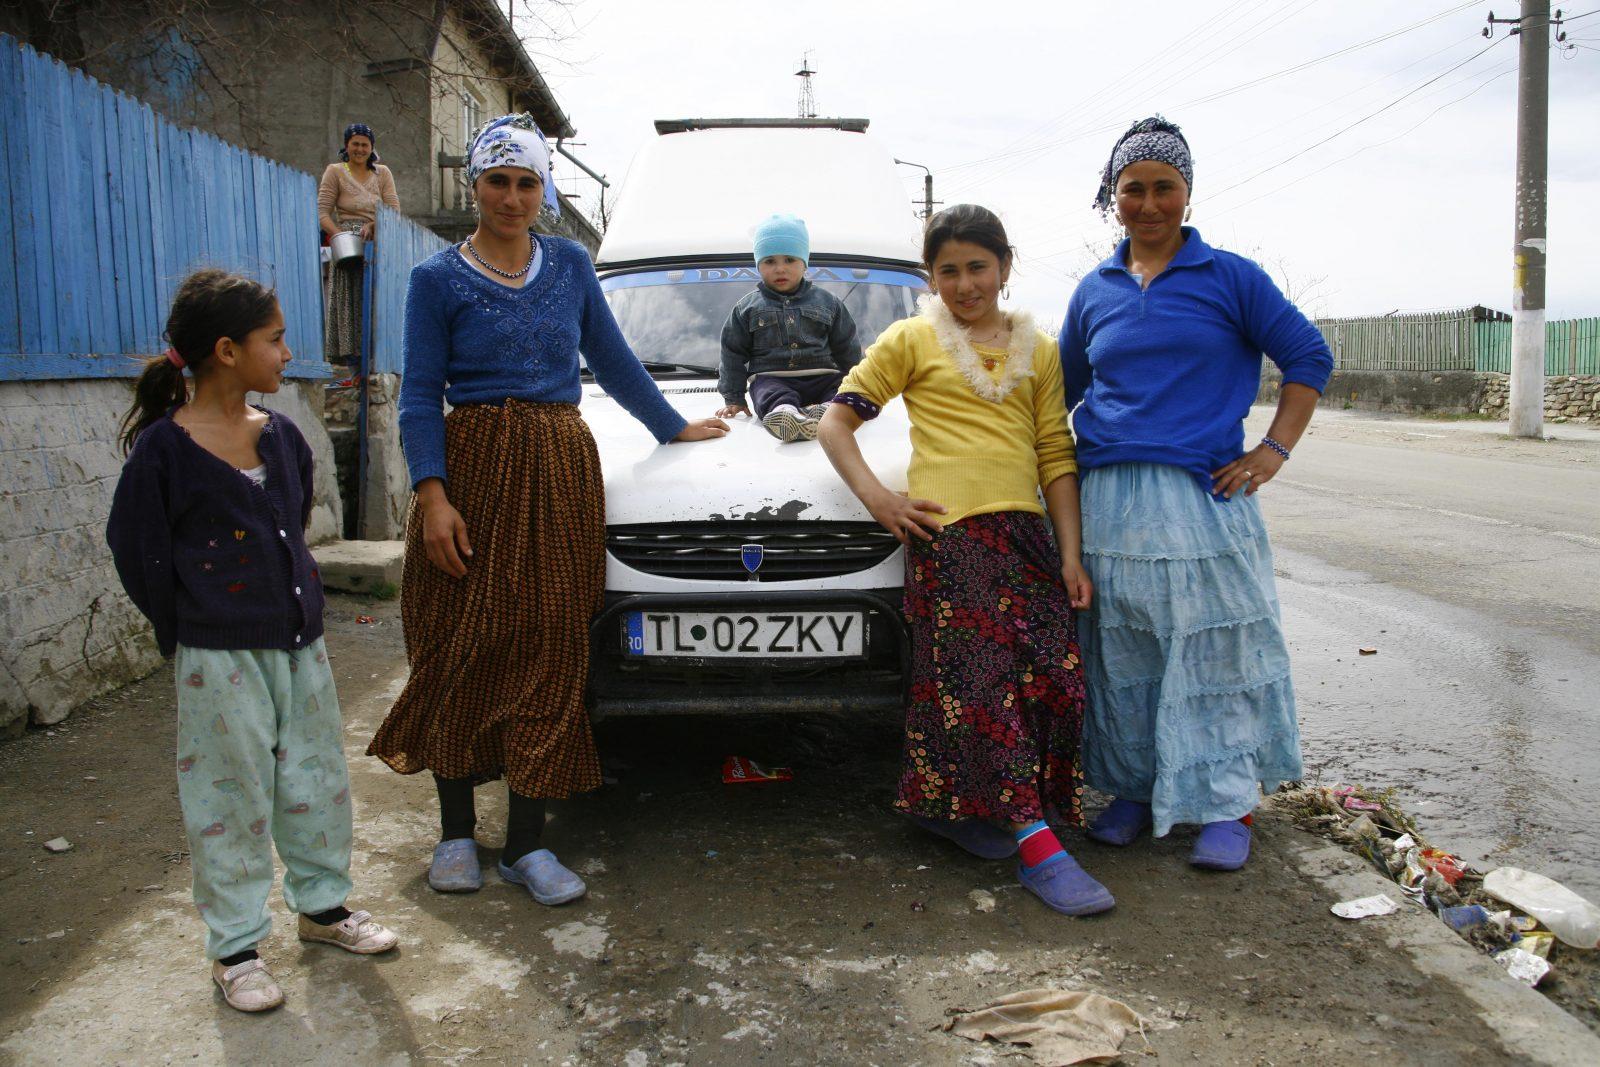 Familie in Rumänien